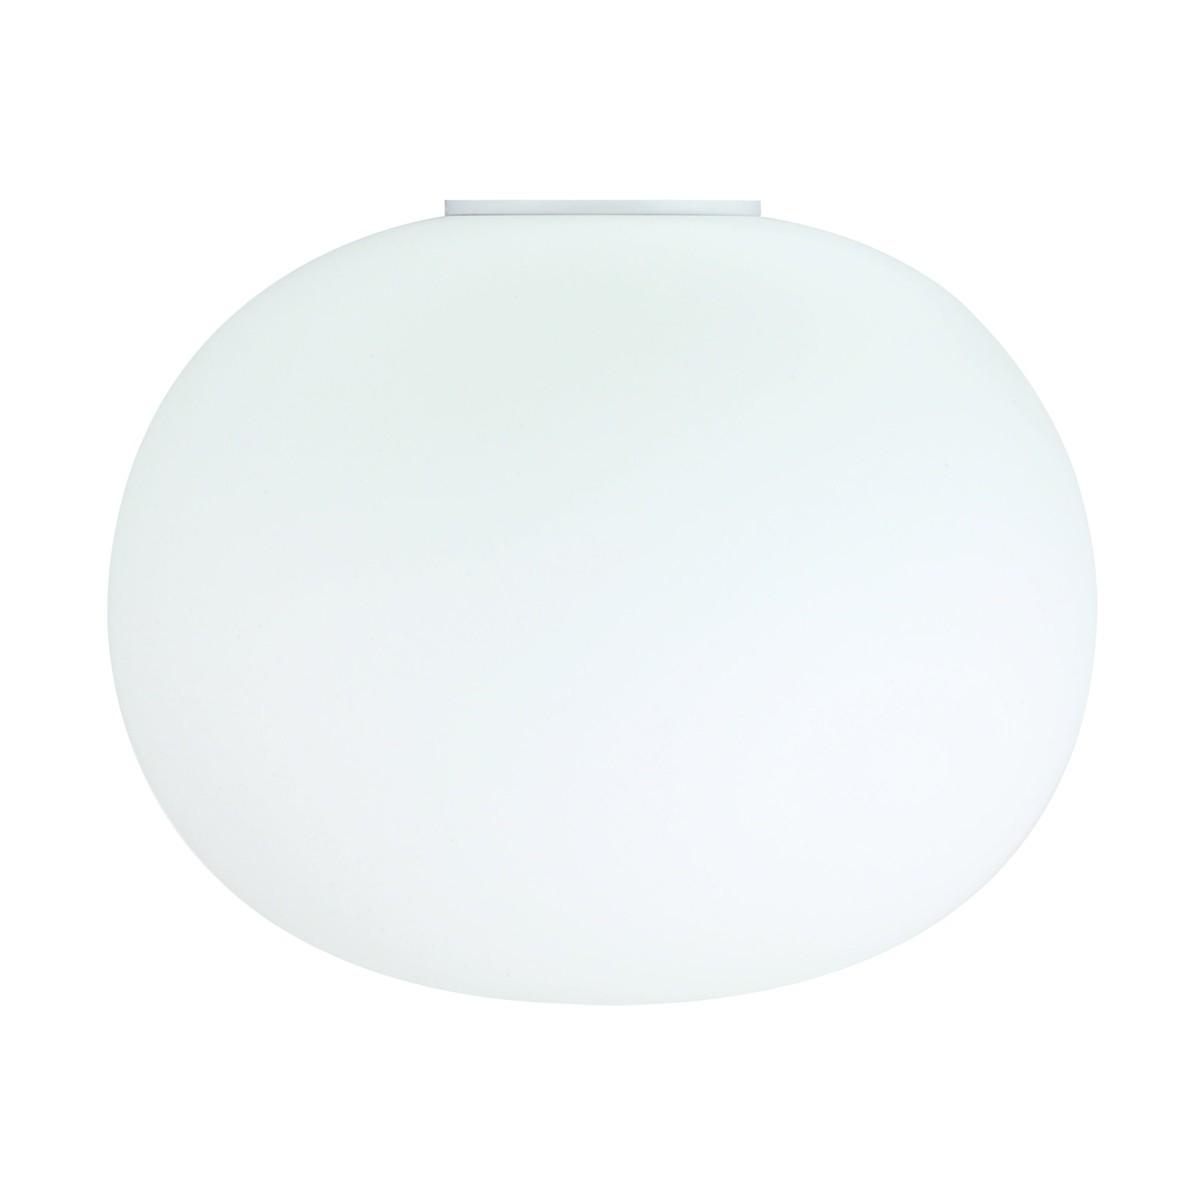 Flos Glo-Ball C Deckenleuchte, C2, Ø: 45 cm, weiß